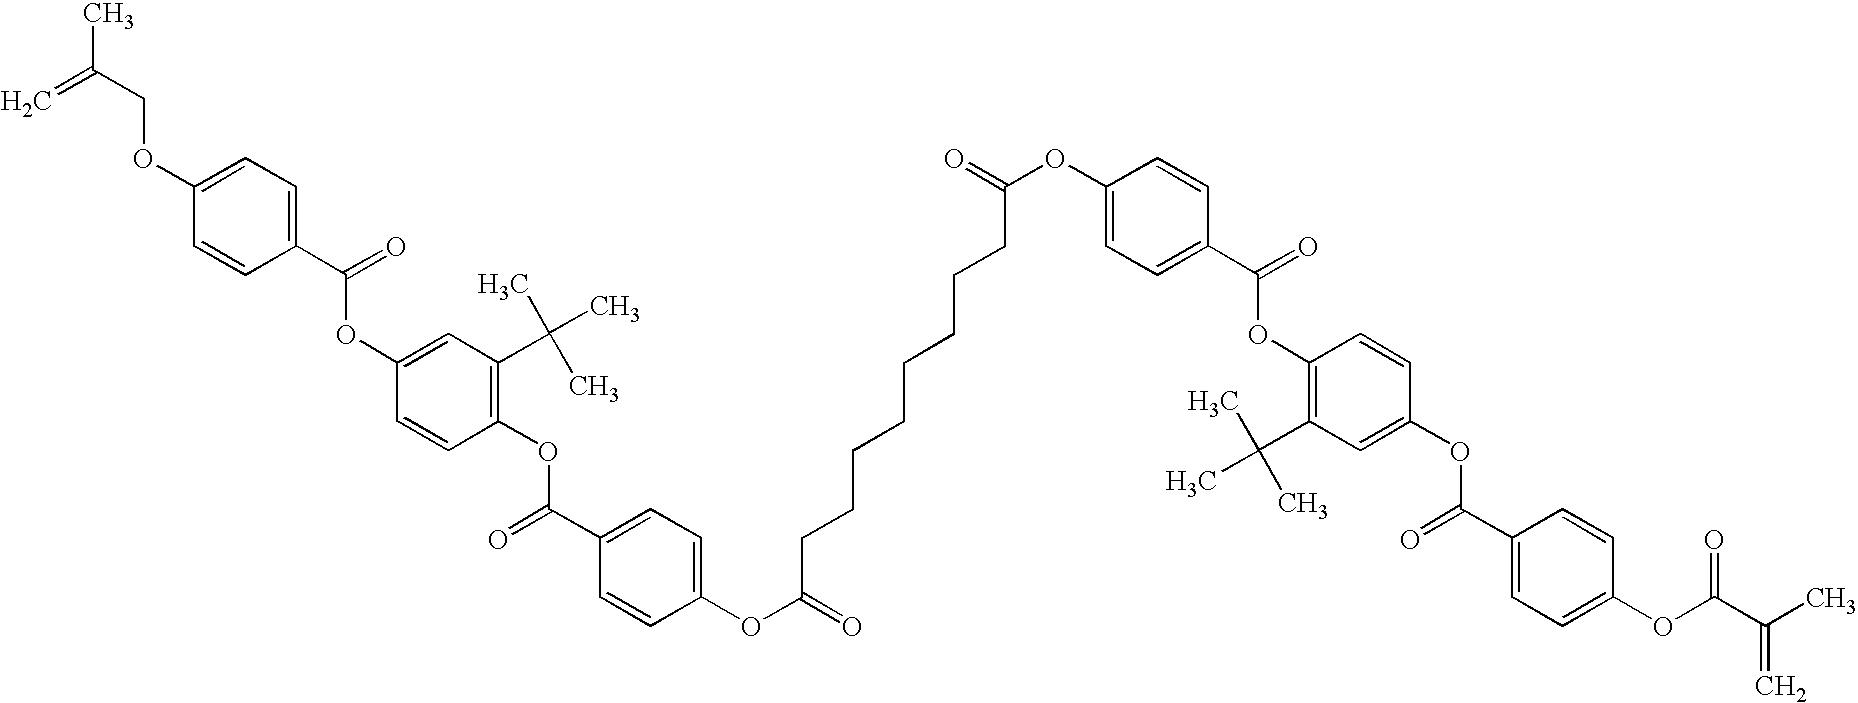 Figure US07238831-20070703-C00013